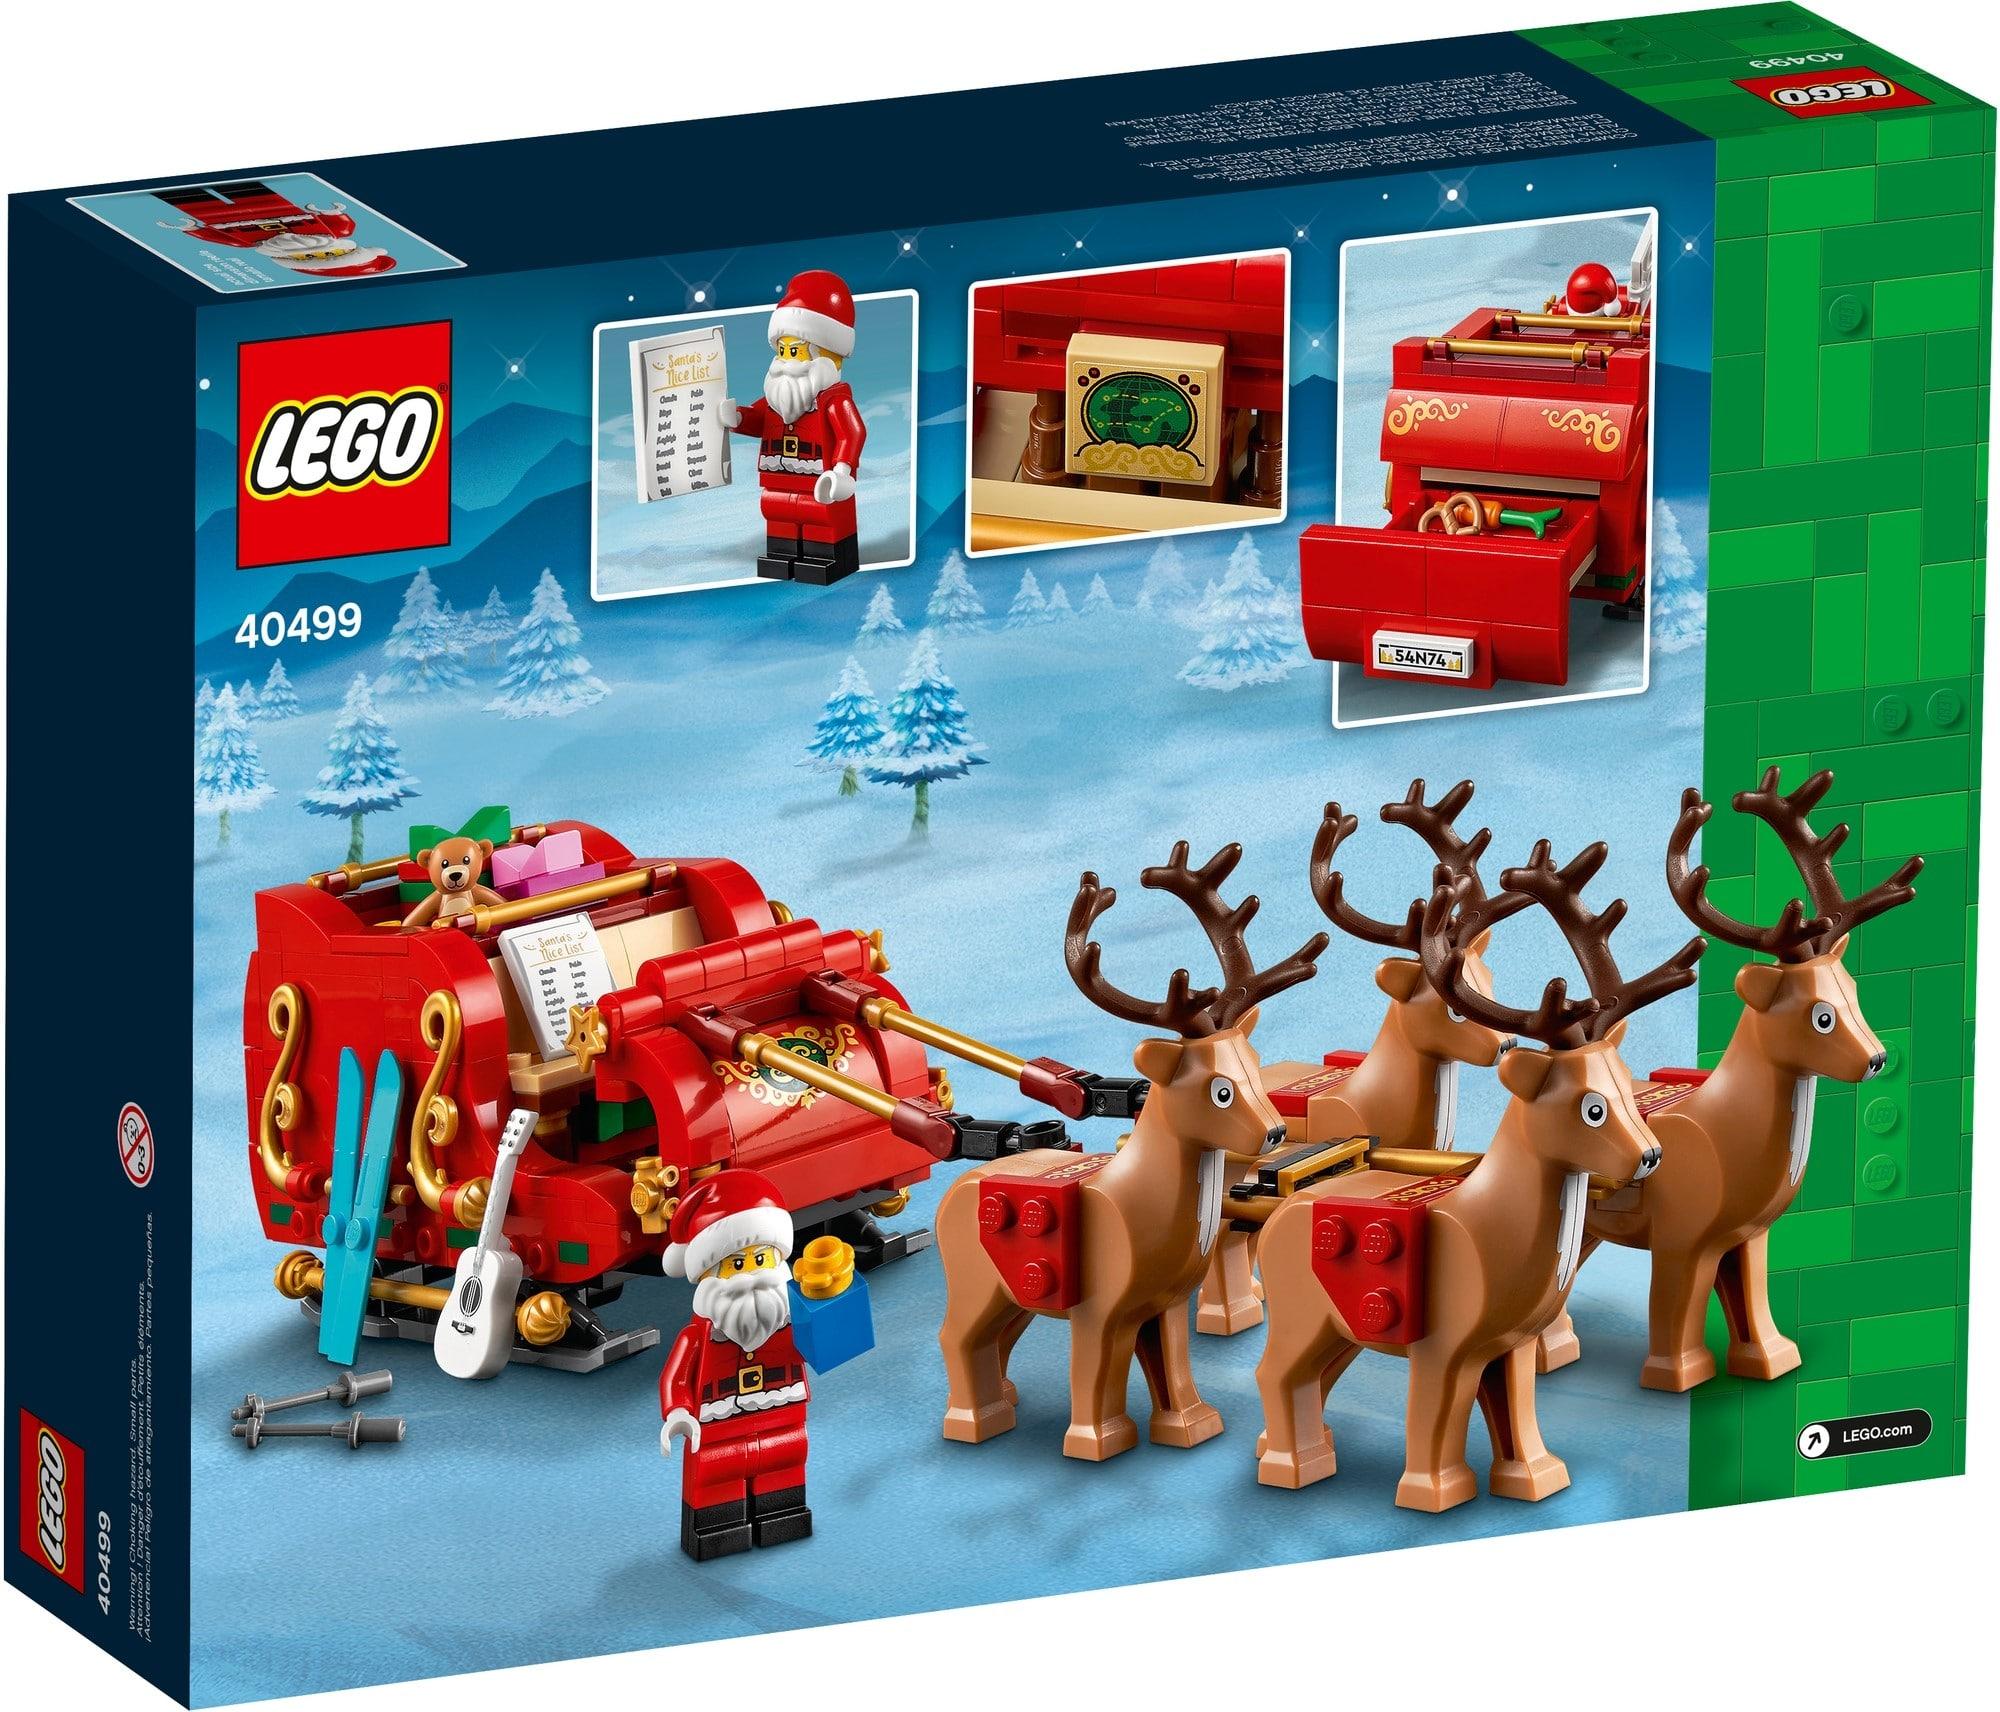 LEGO 40499 Seasonal Schlitten Des Weihnachtsmanns 3